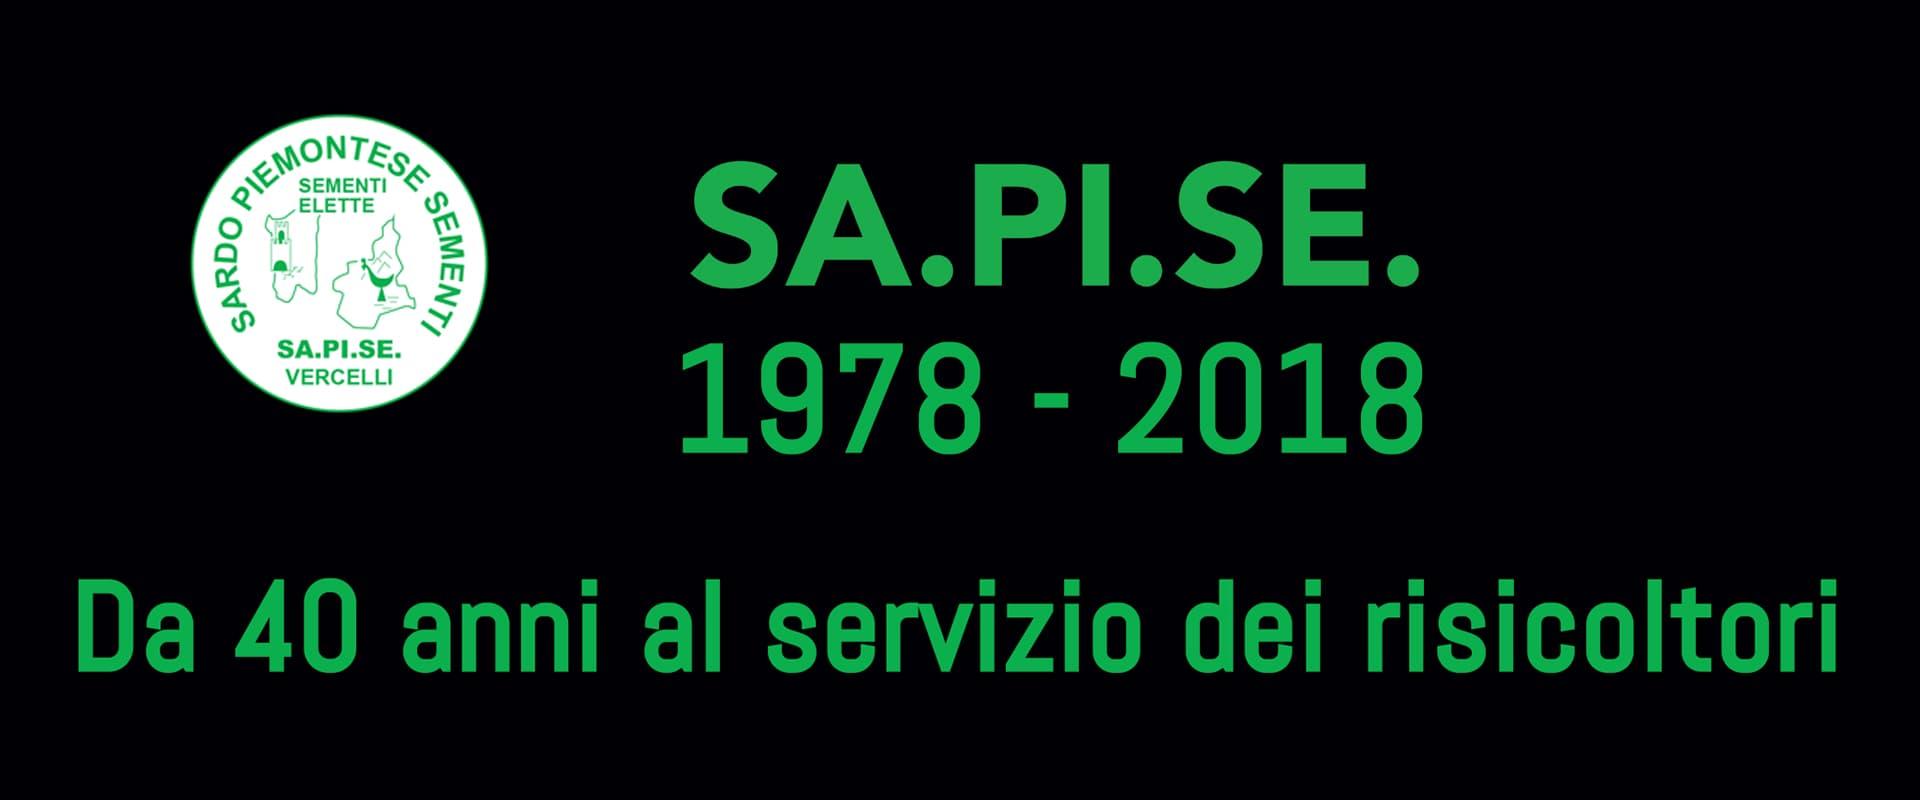 SA.PI.SE. non si ferma. Dal 1978 – Il Video